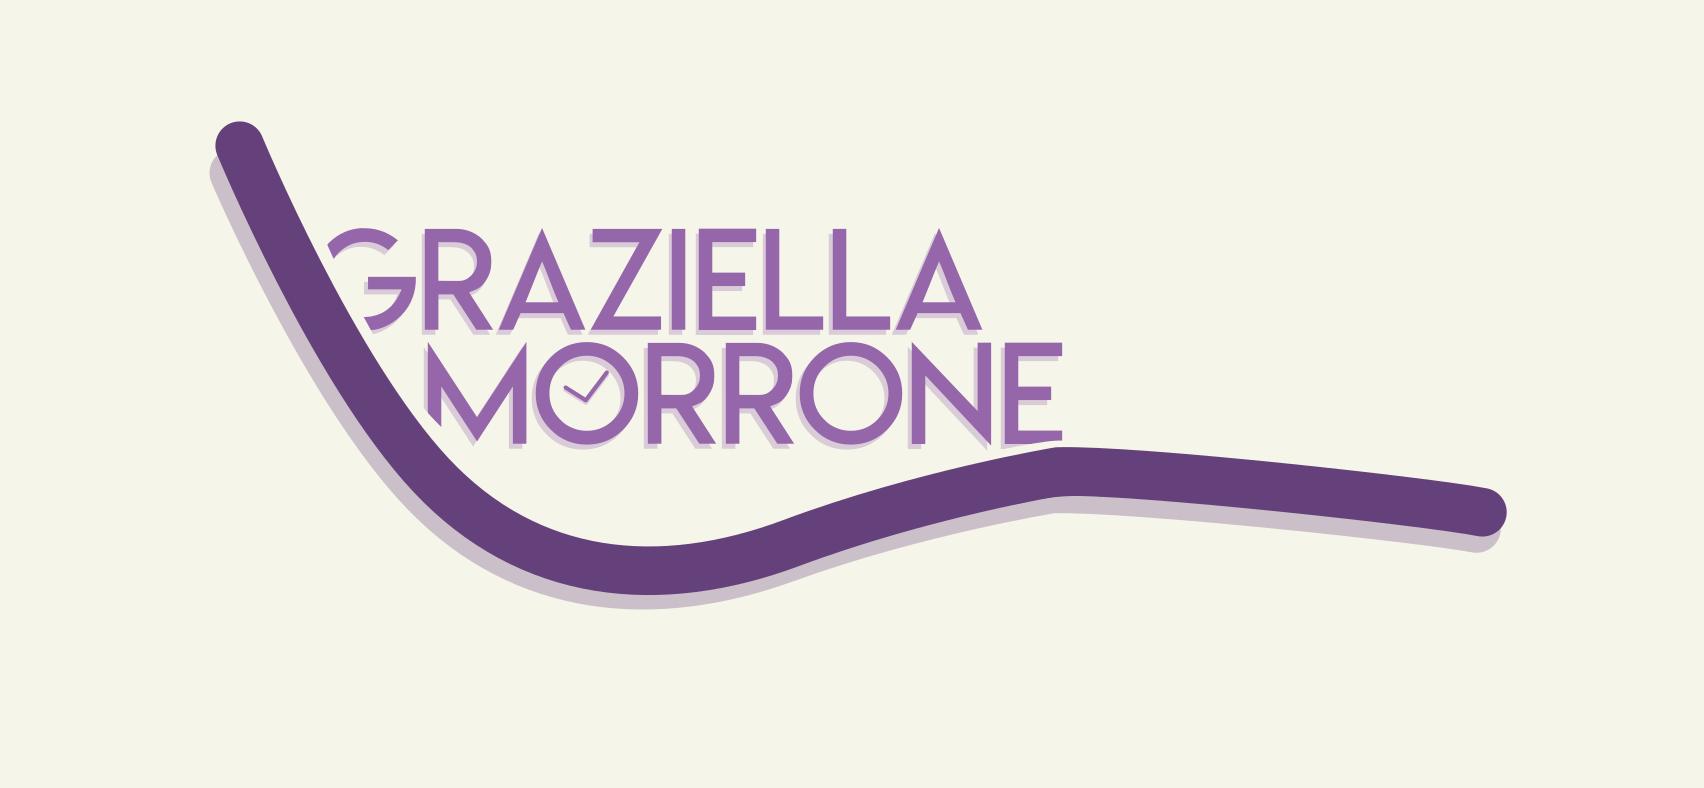 Graziella Morrone